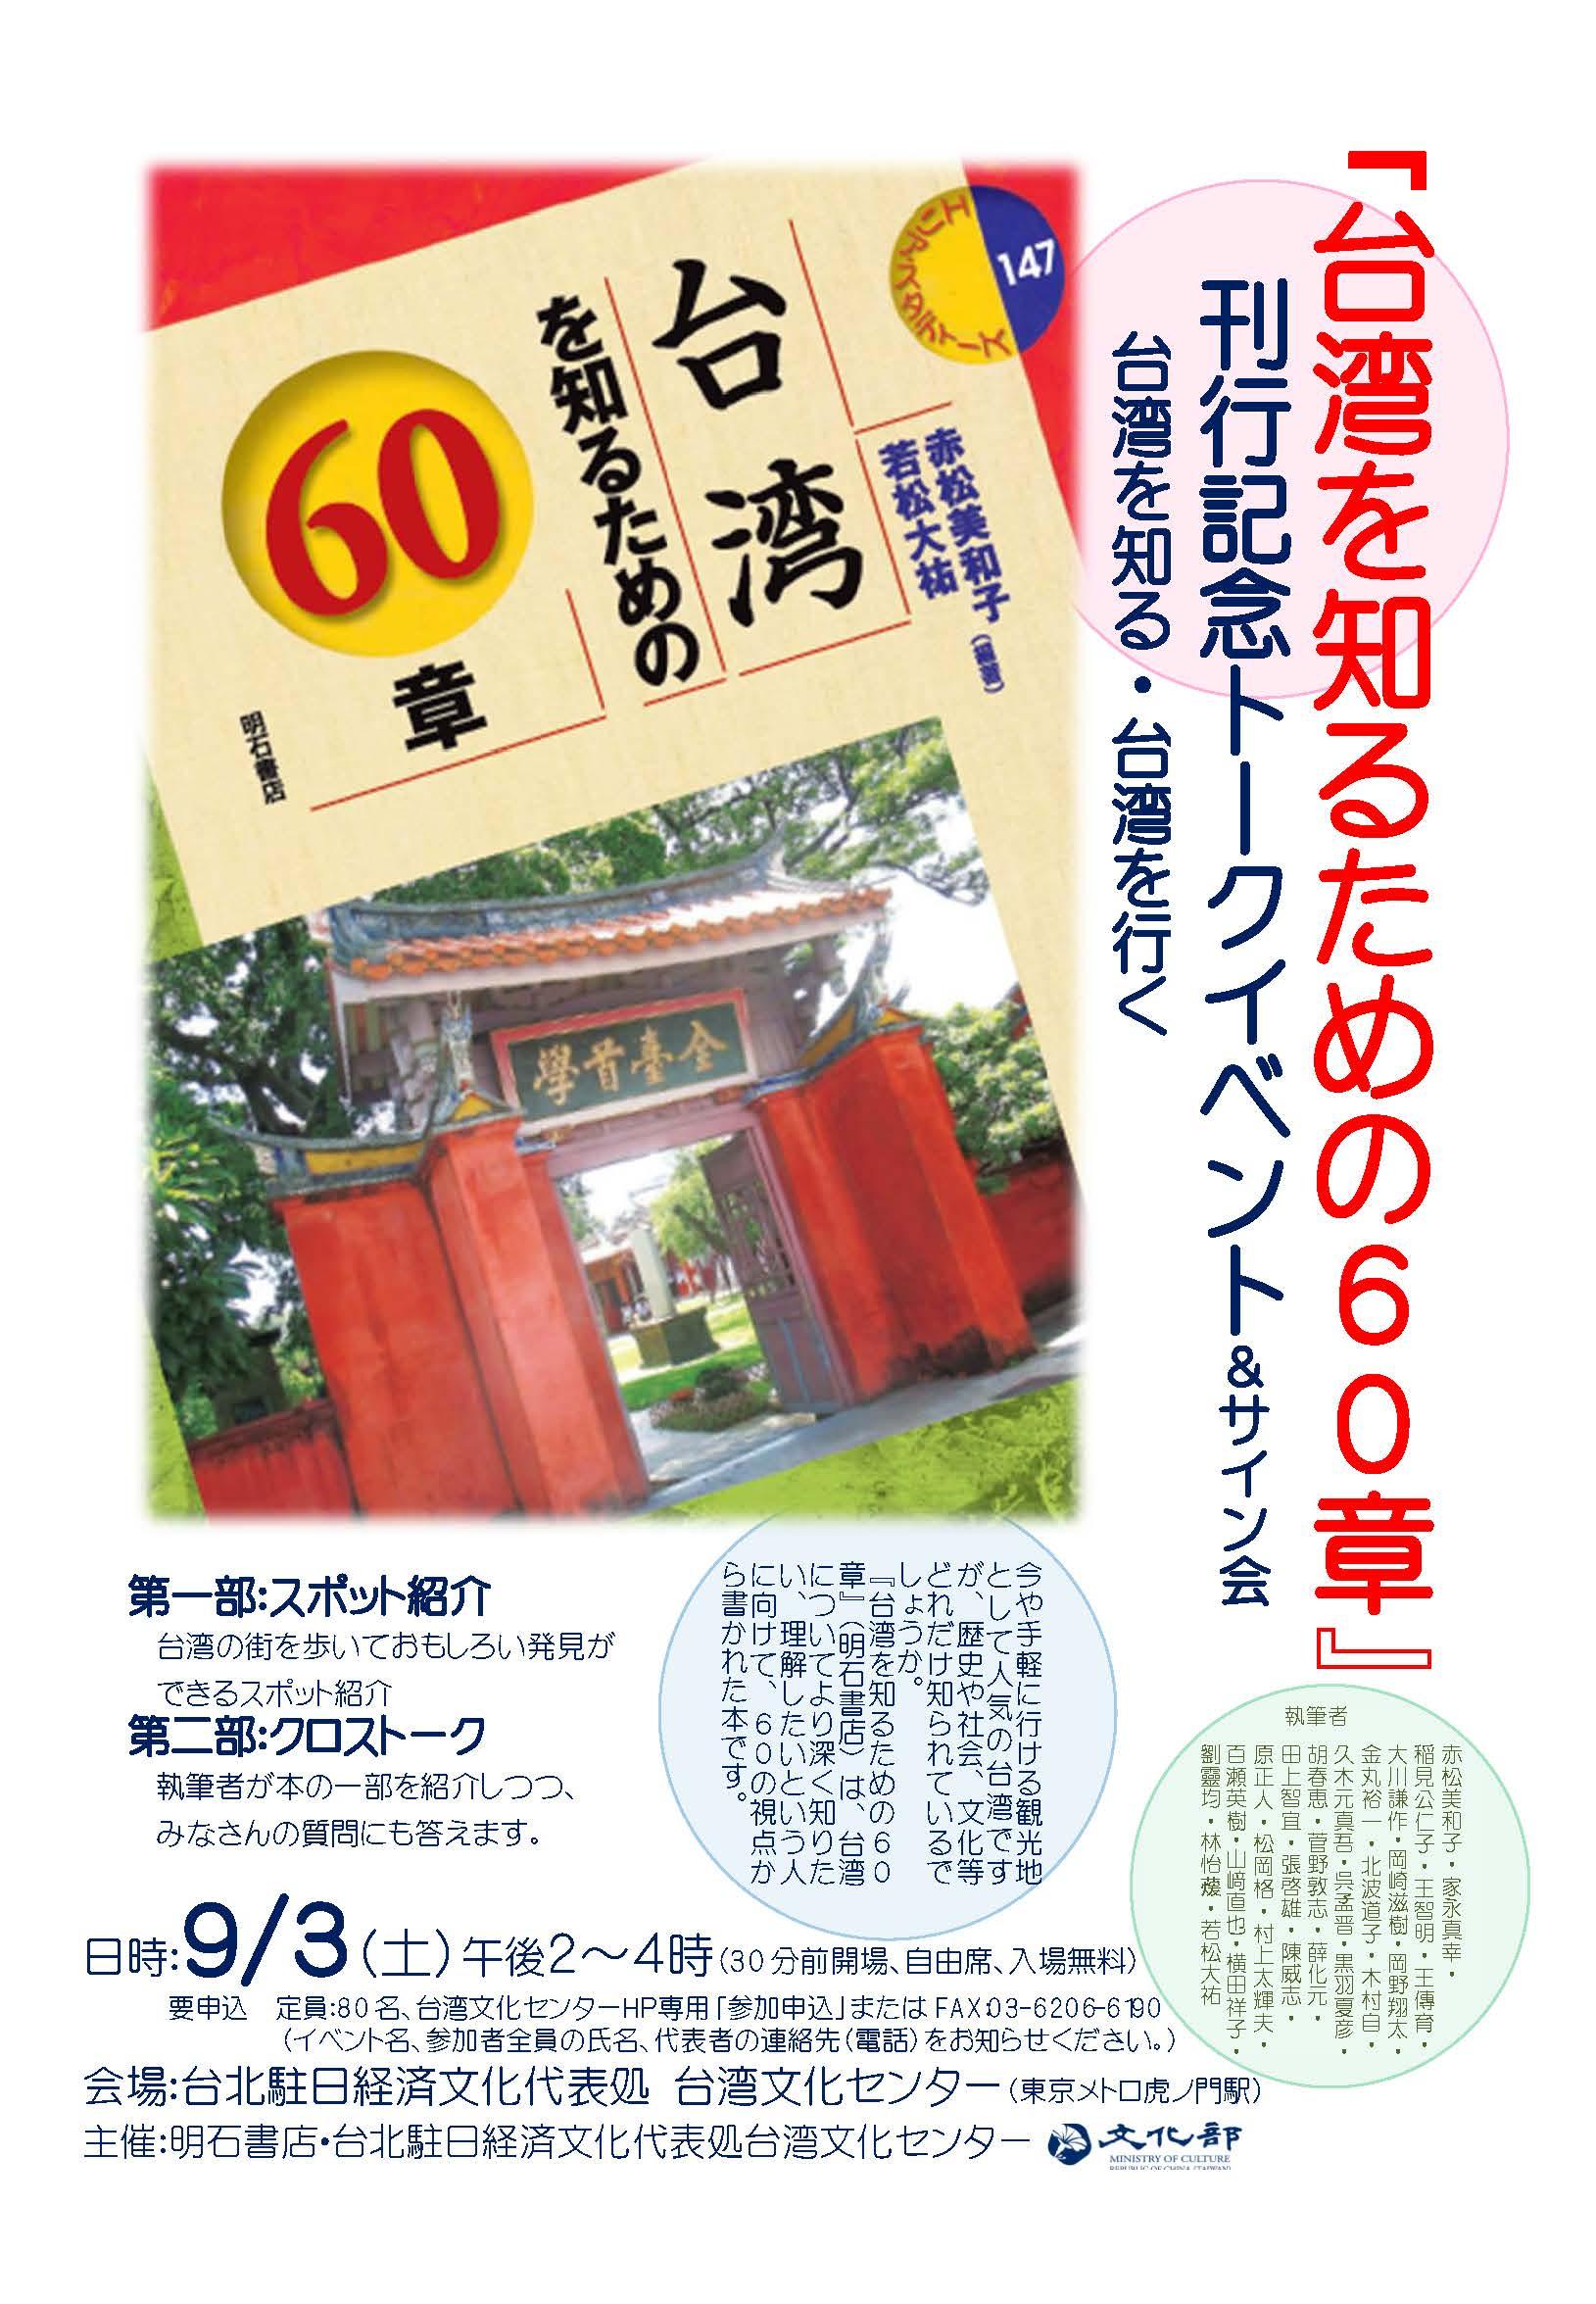 『台湾を知るための60章』刊行記念トークイベント_d0199670_1514233.jpg